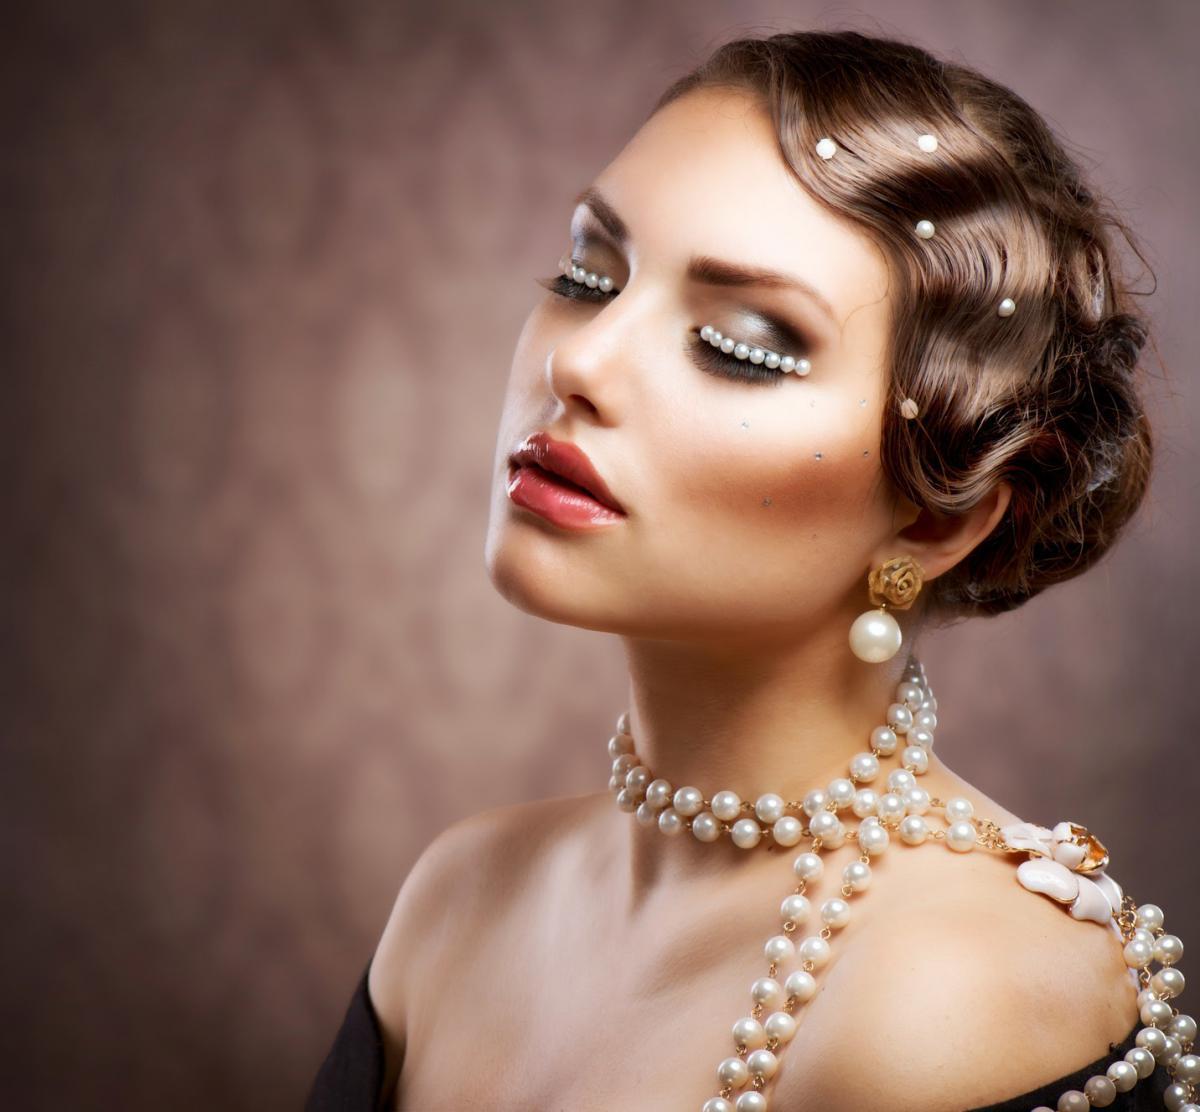 Элегантная девушка жемчуг фото 20 фотография